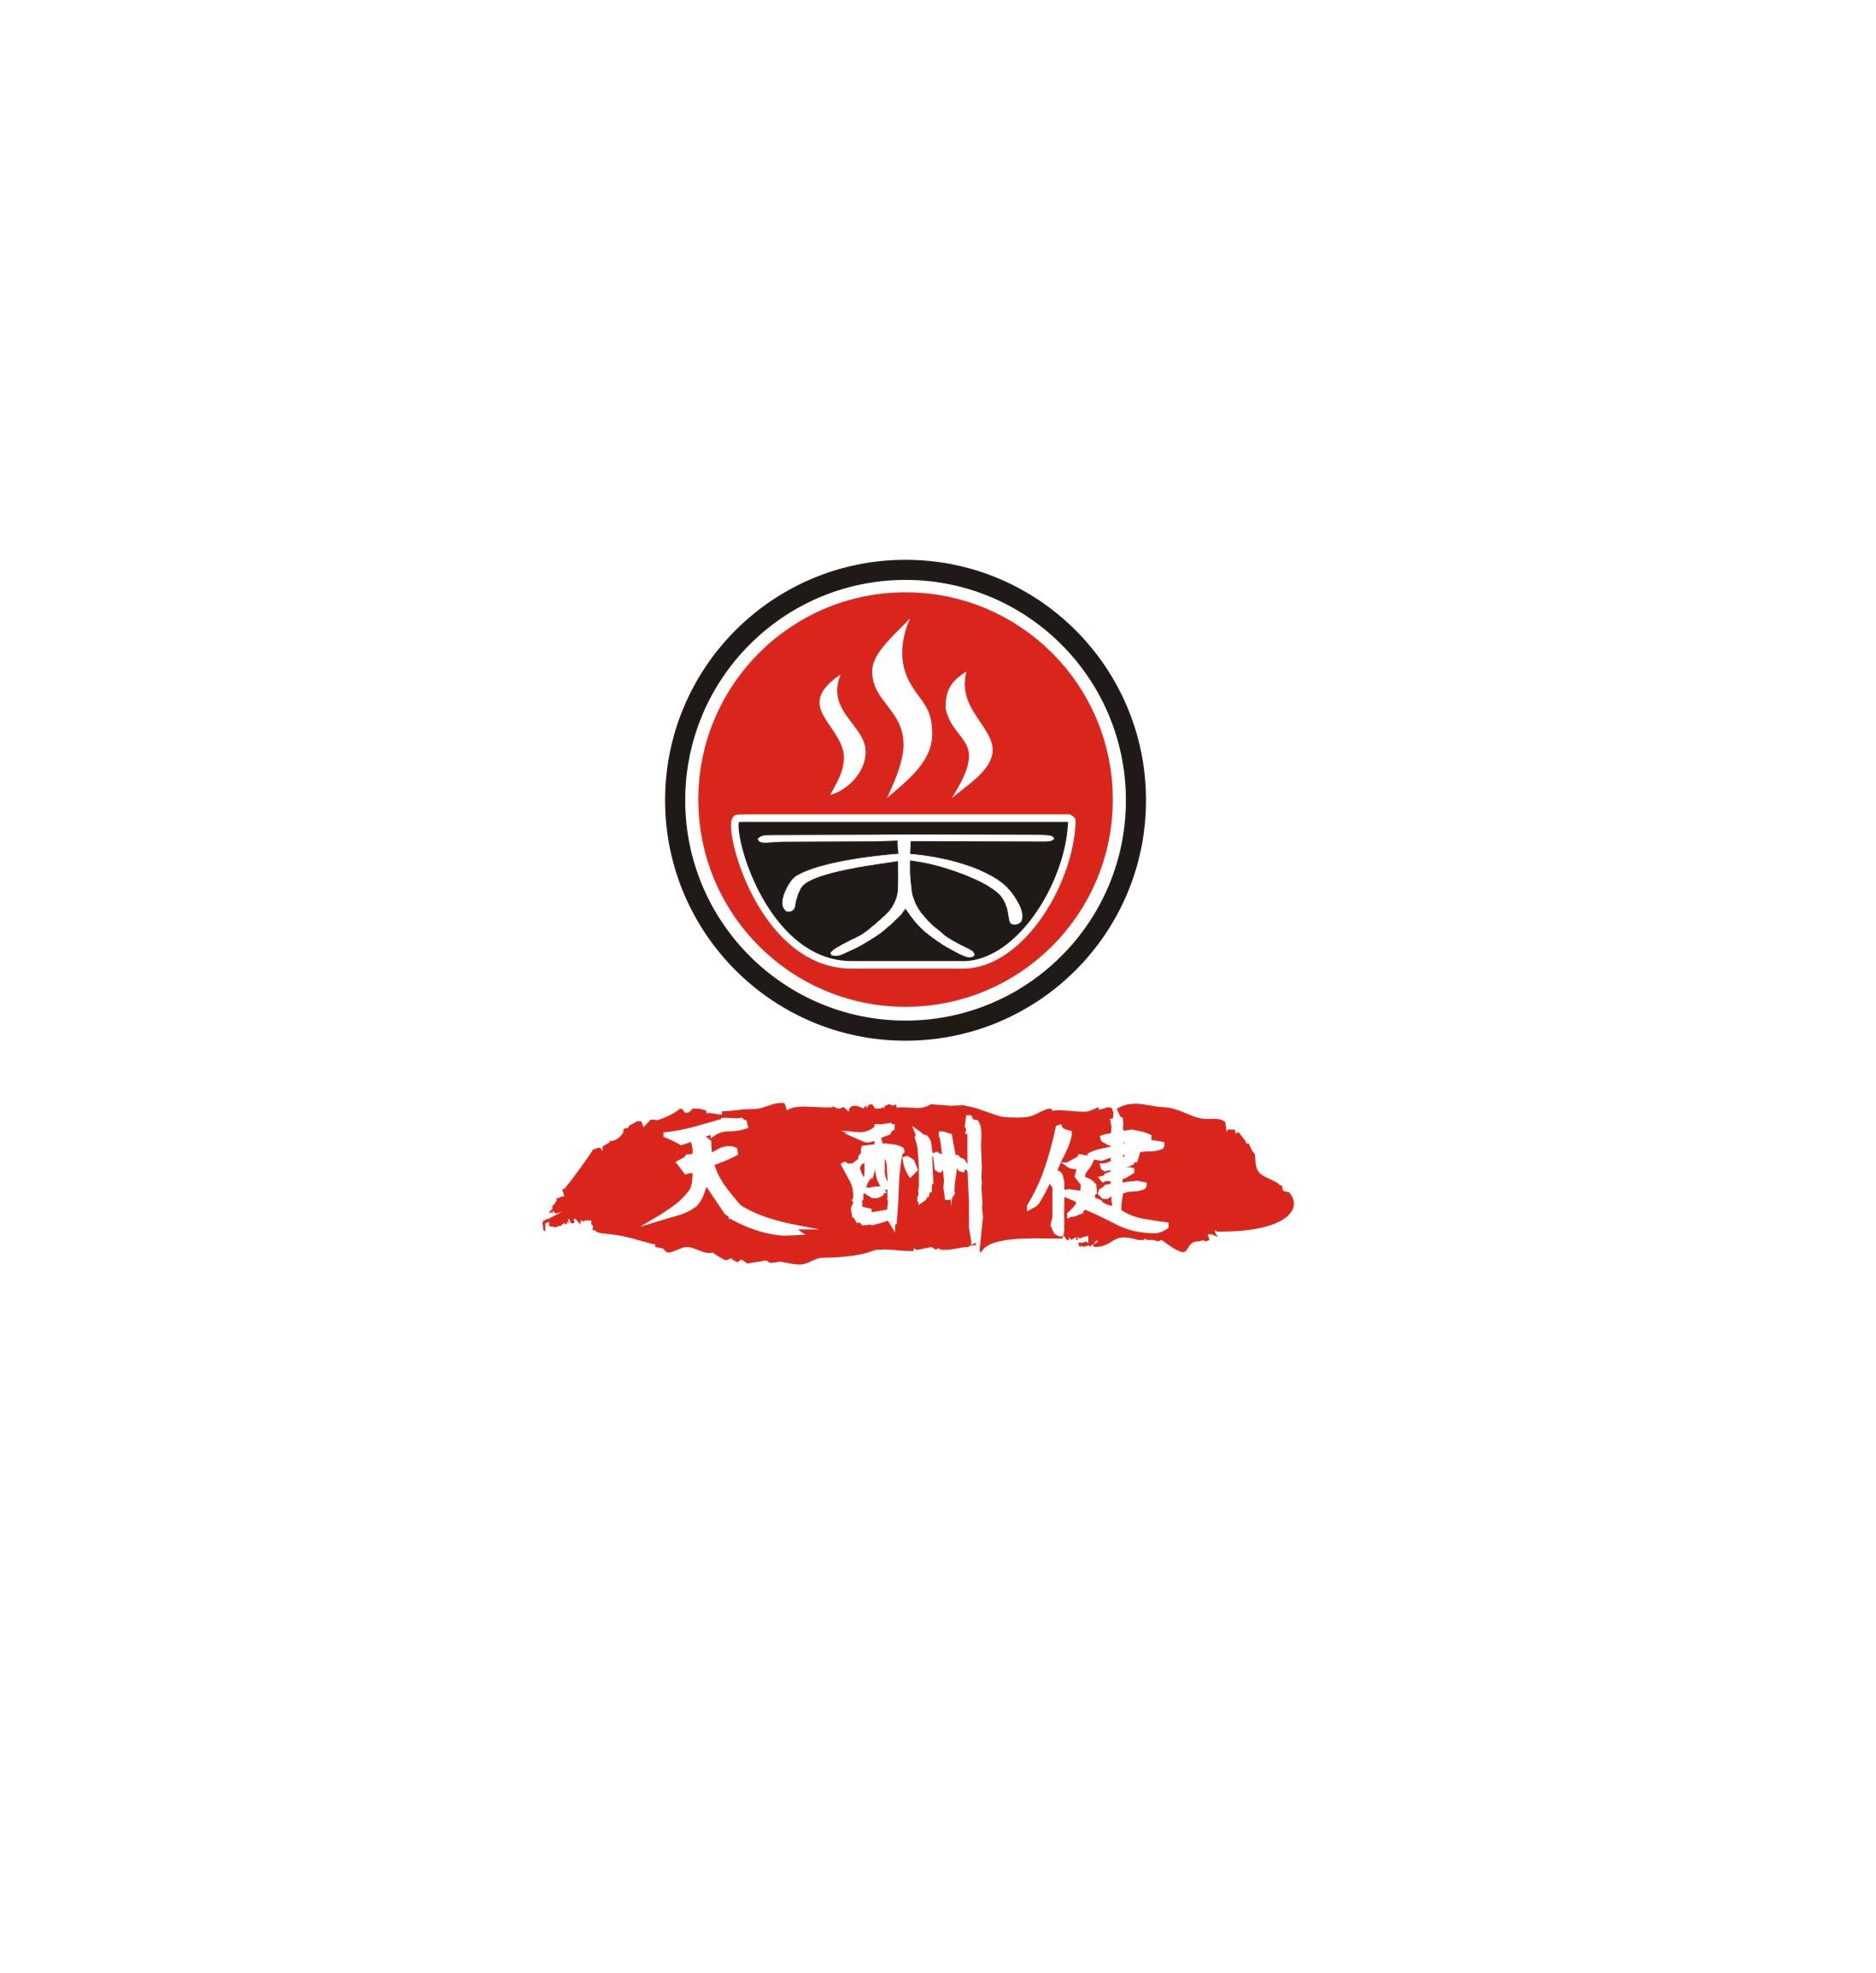 河南祥安餐饮服务有限公司